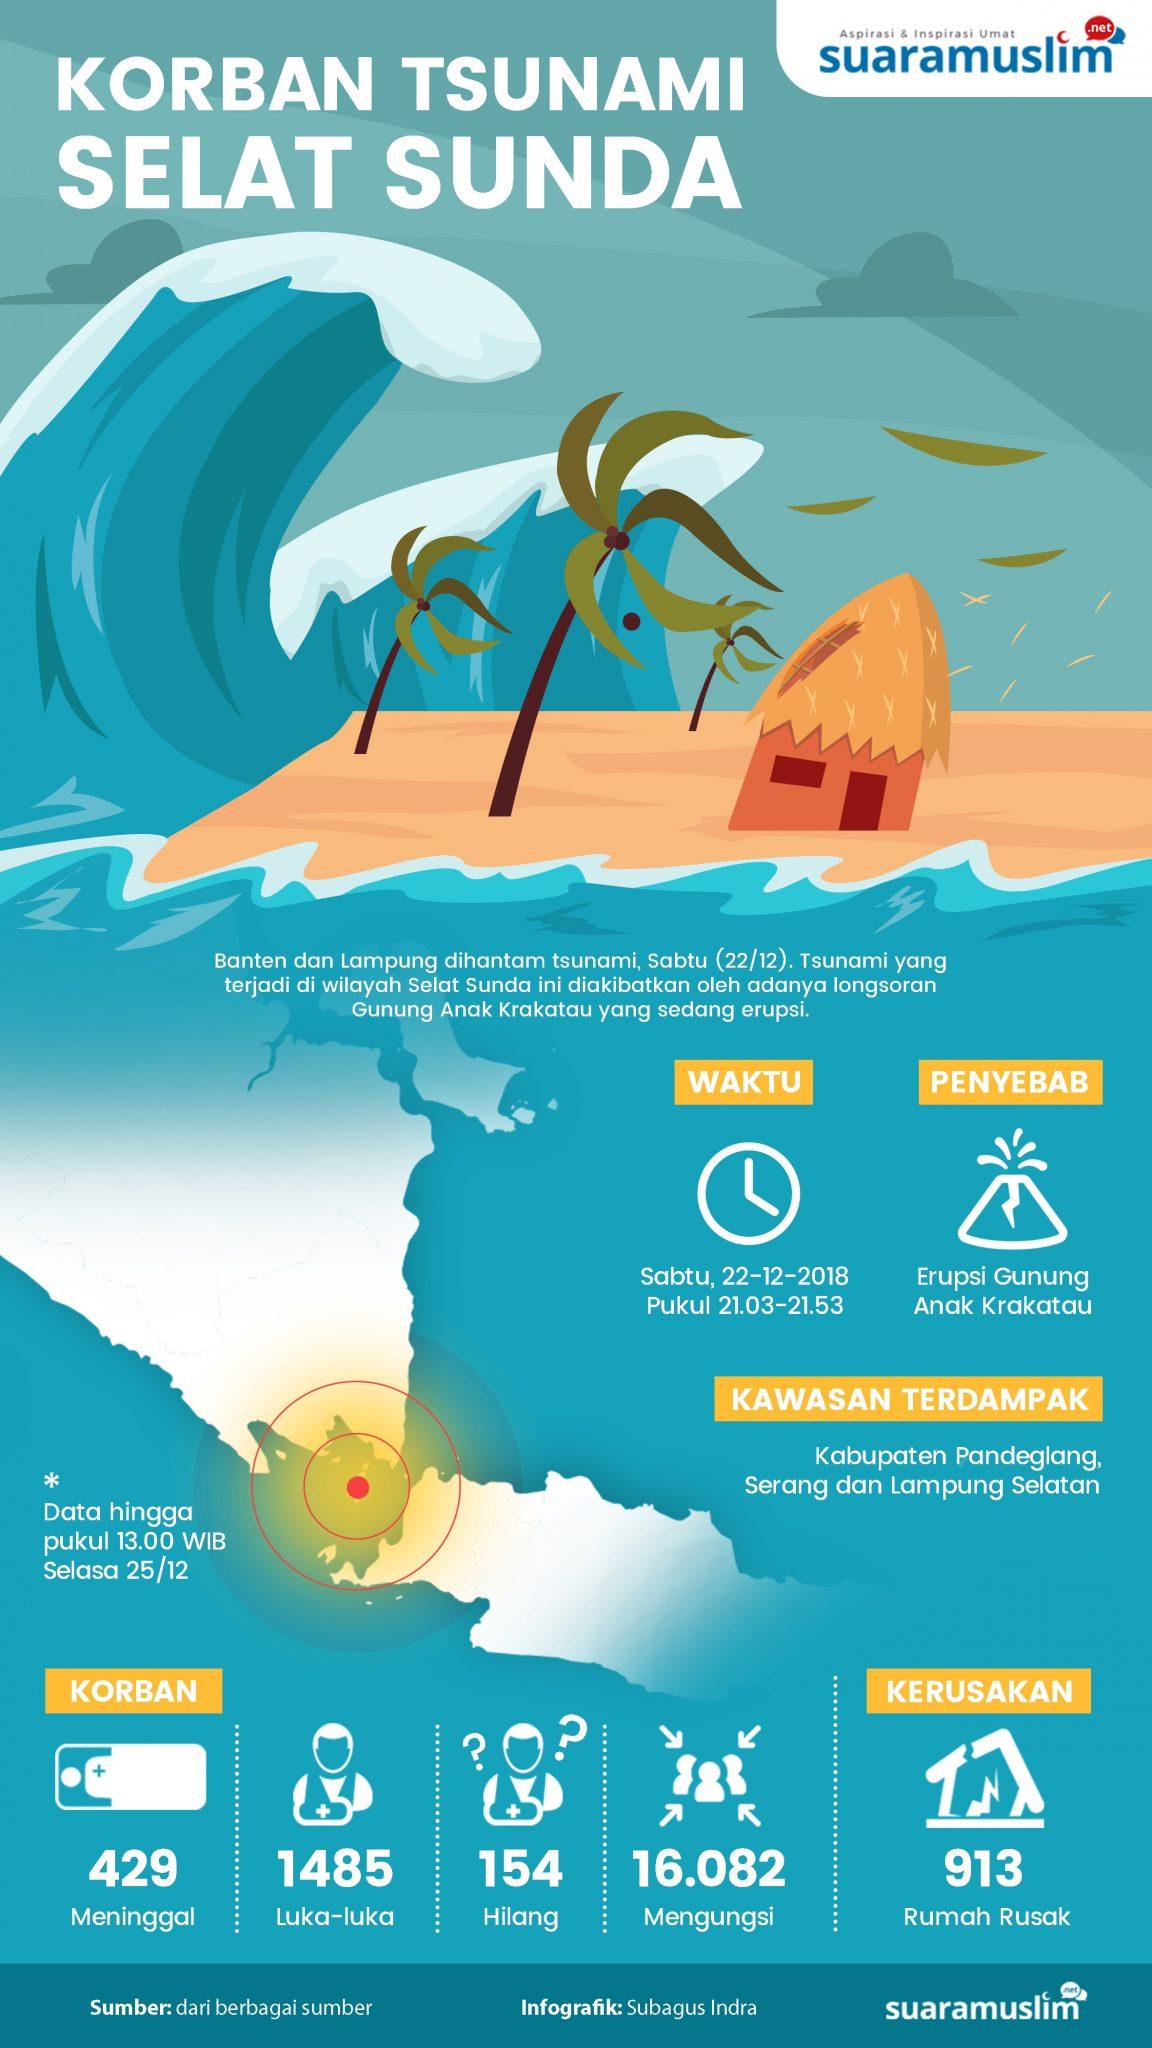 Koban Tsunami Selat Sunda